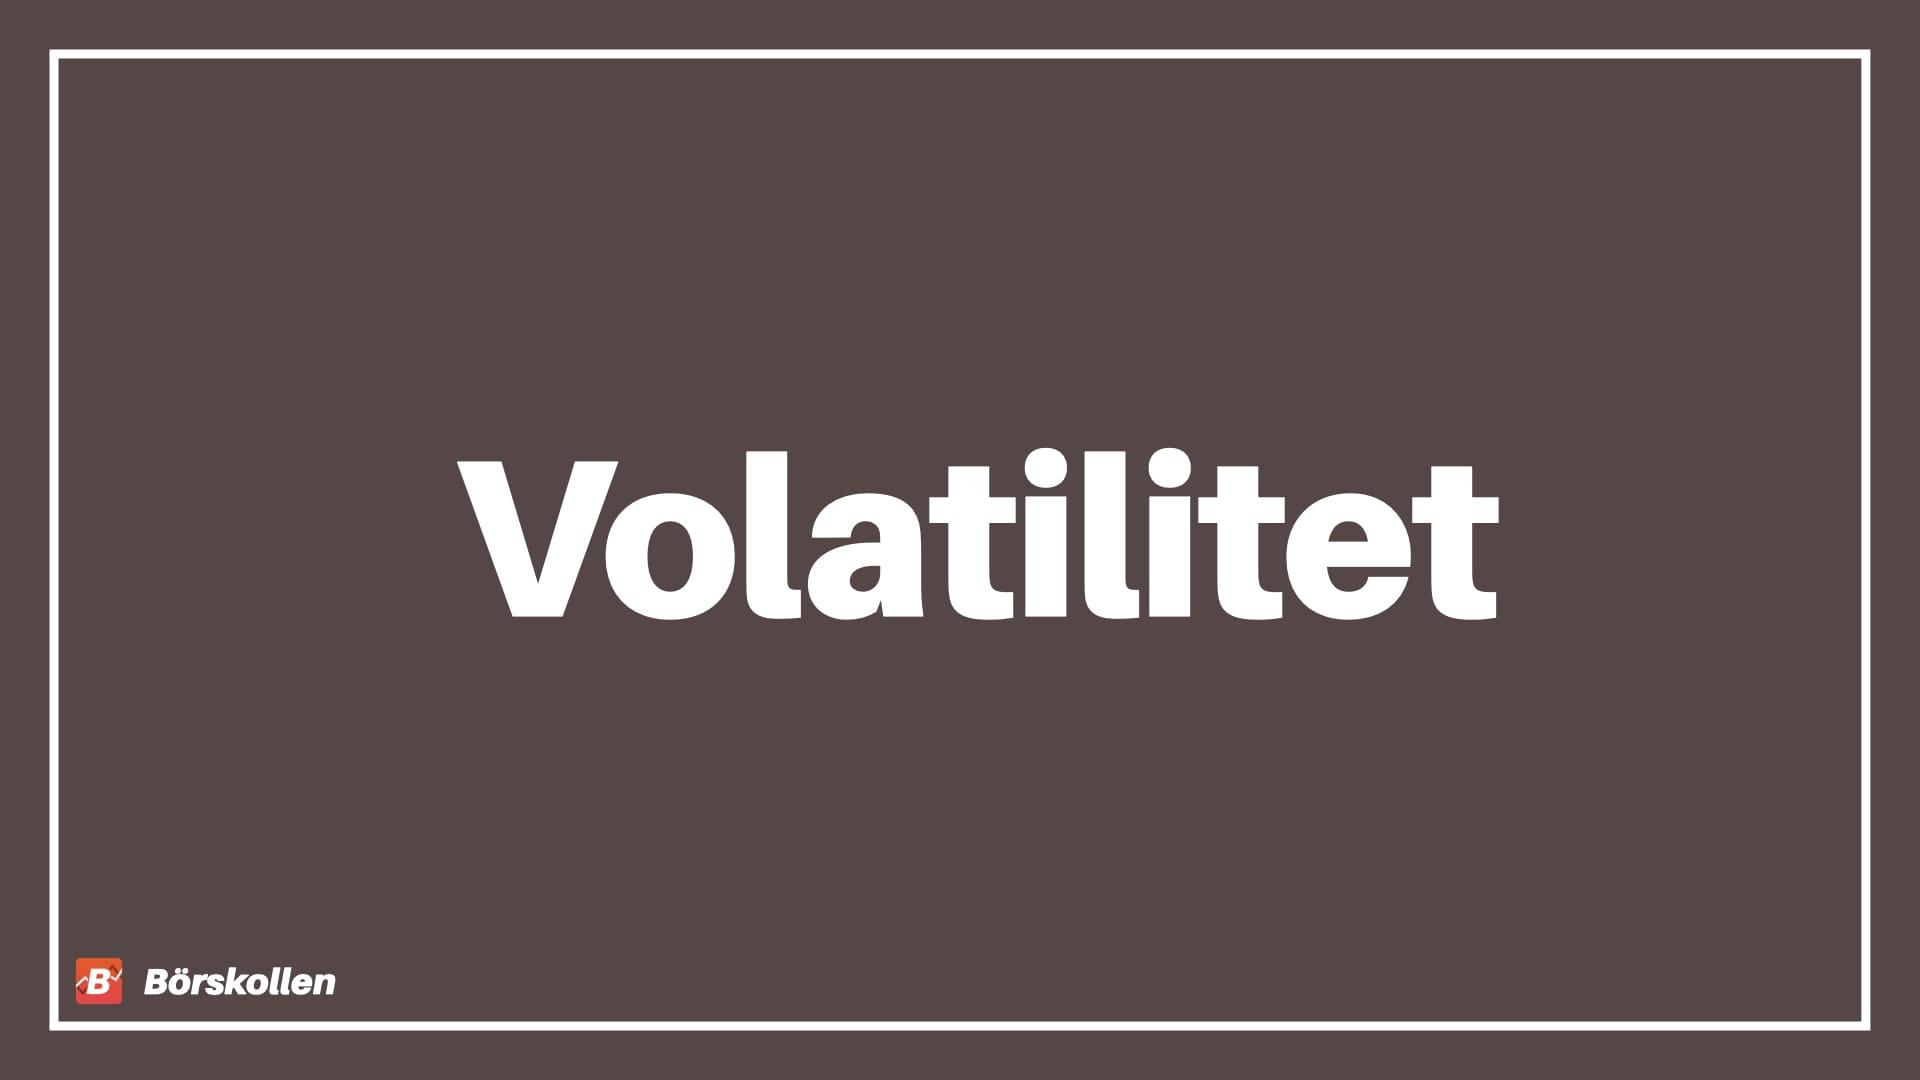 Volatilitet - funktion och förklaring